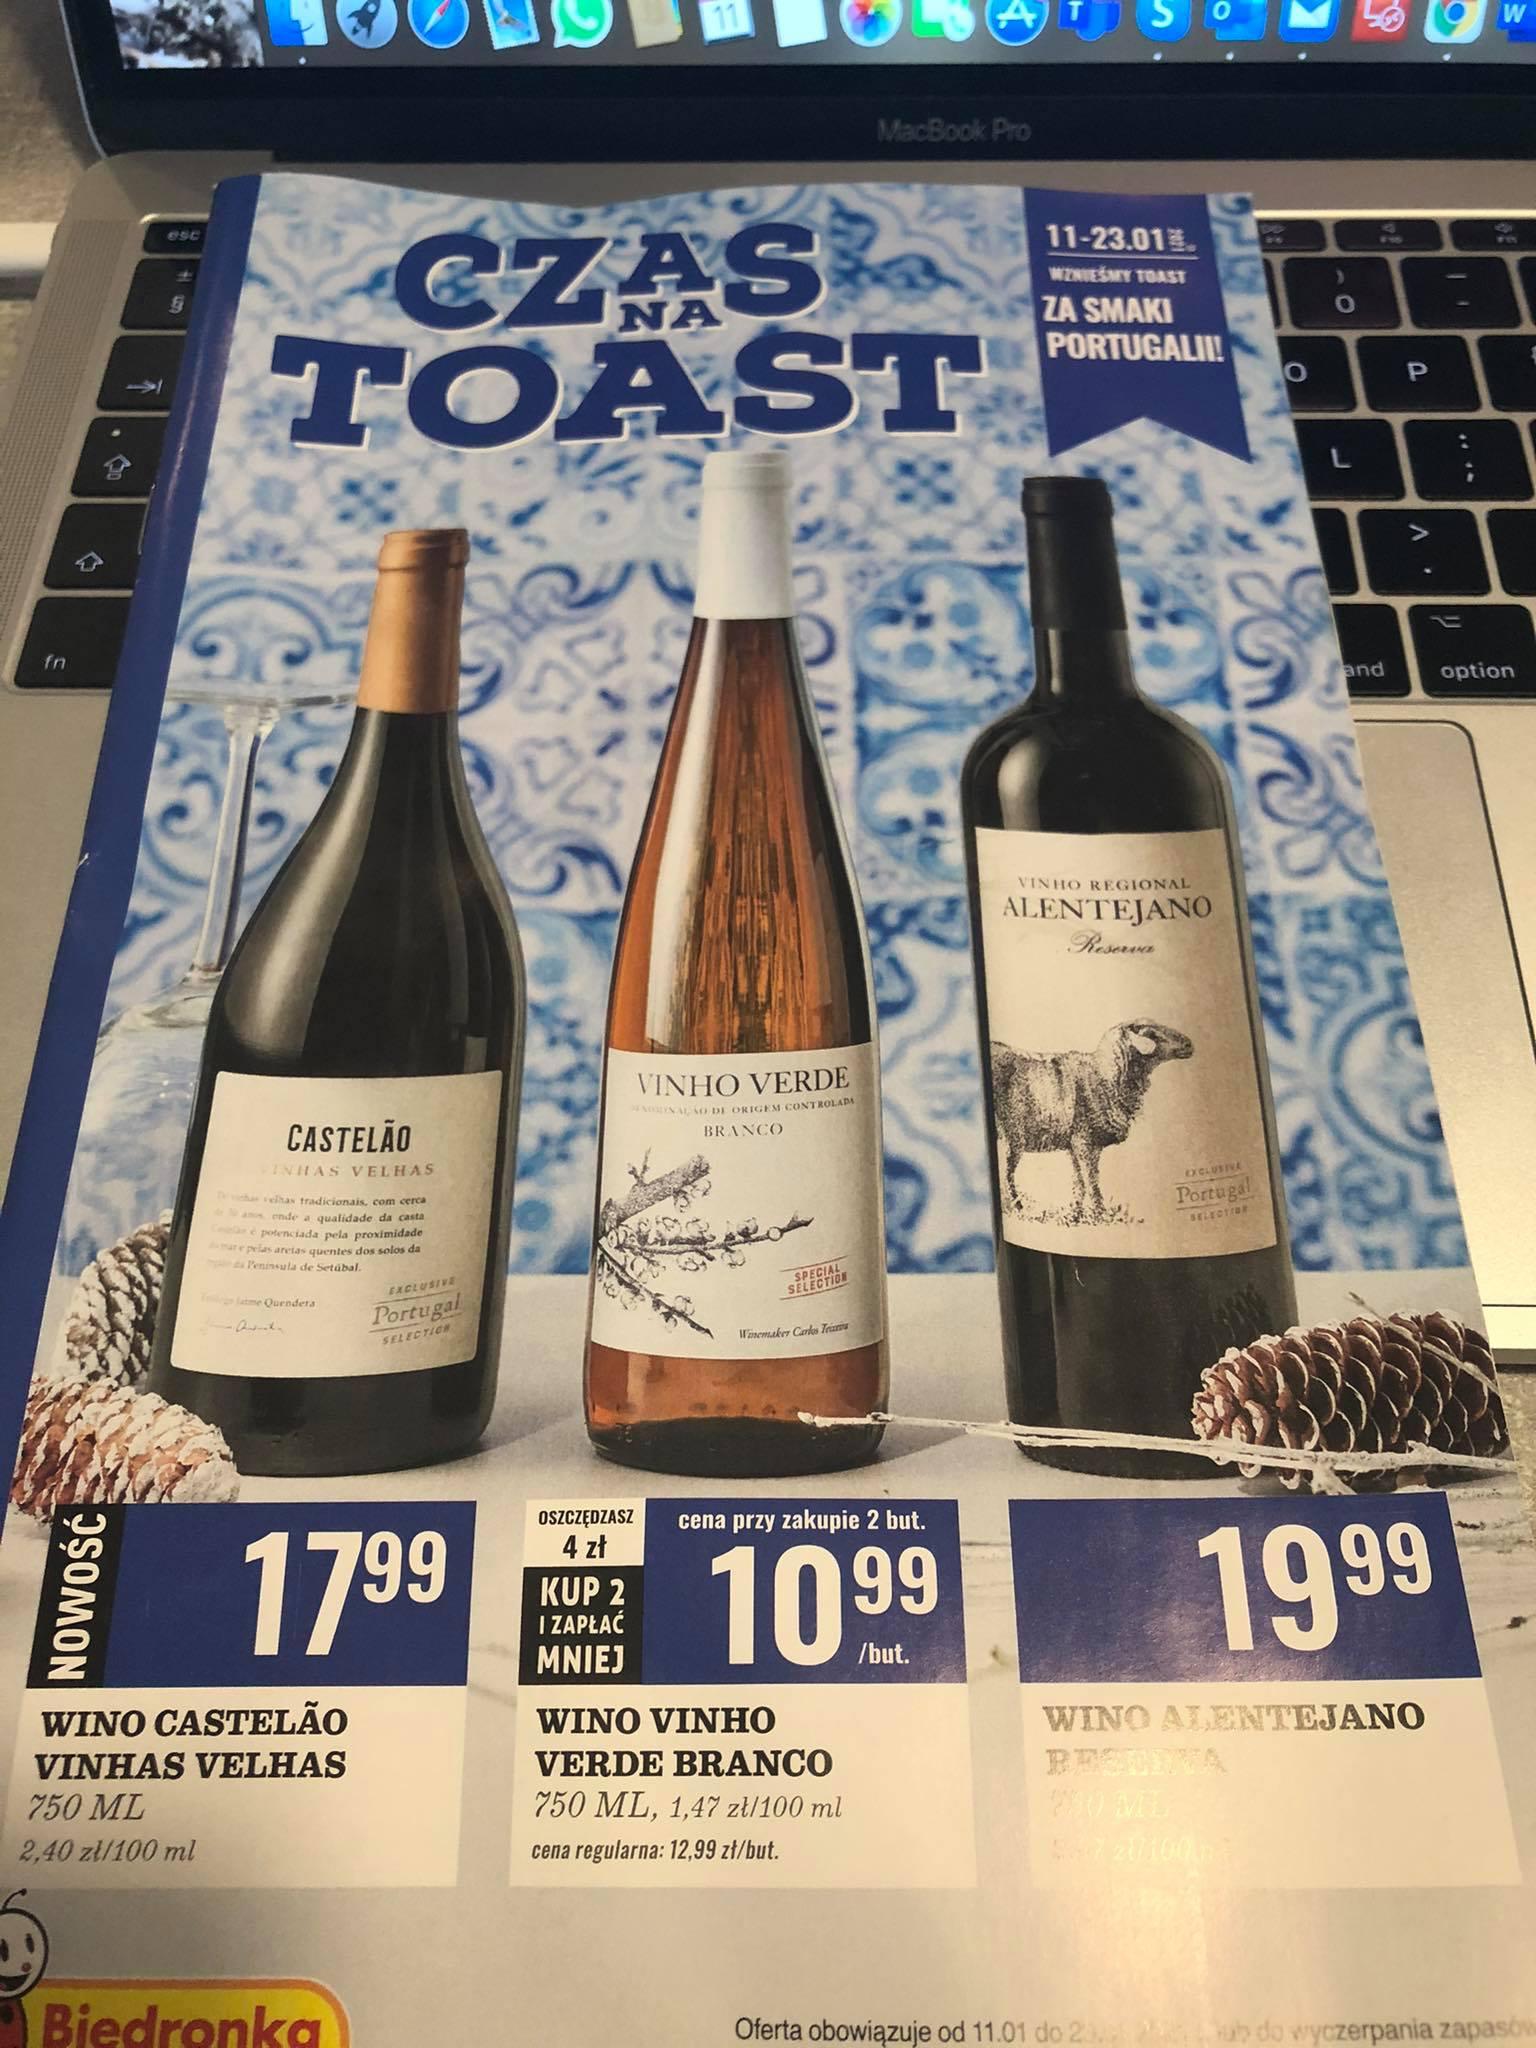 Portugalskie wina/Bierdonka